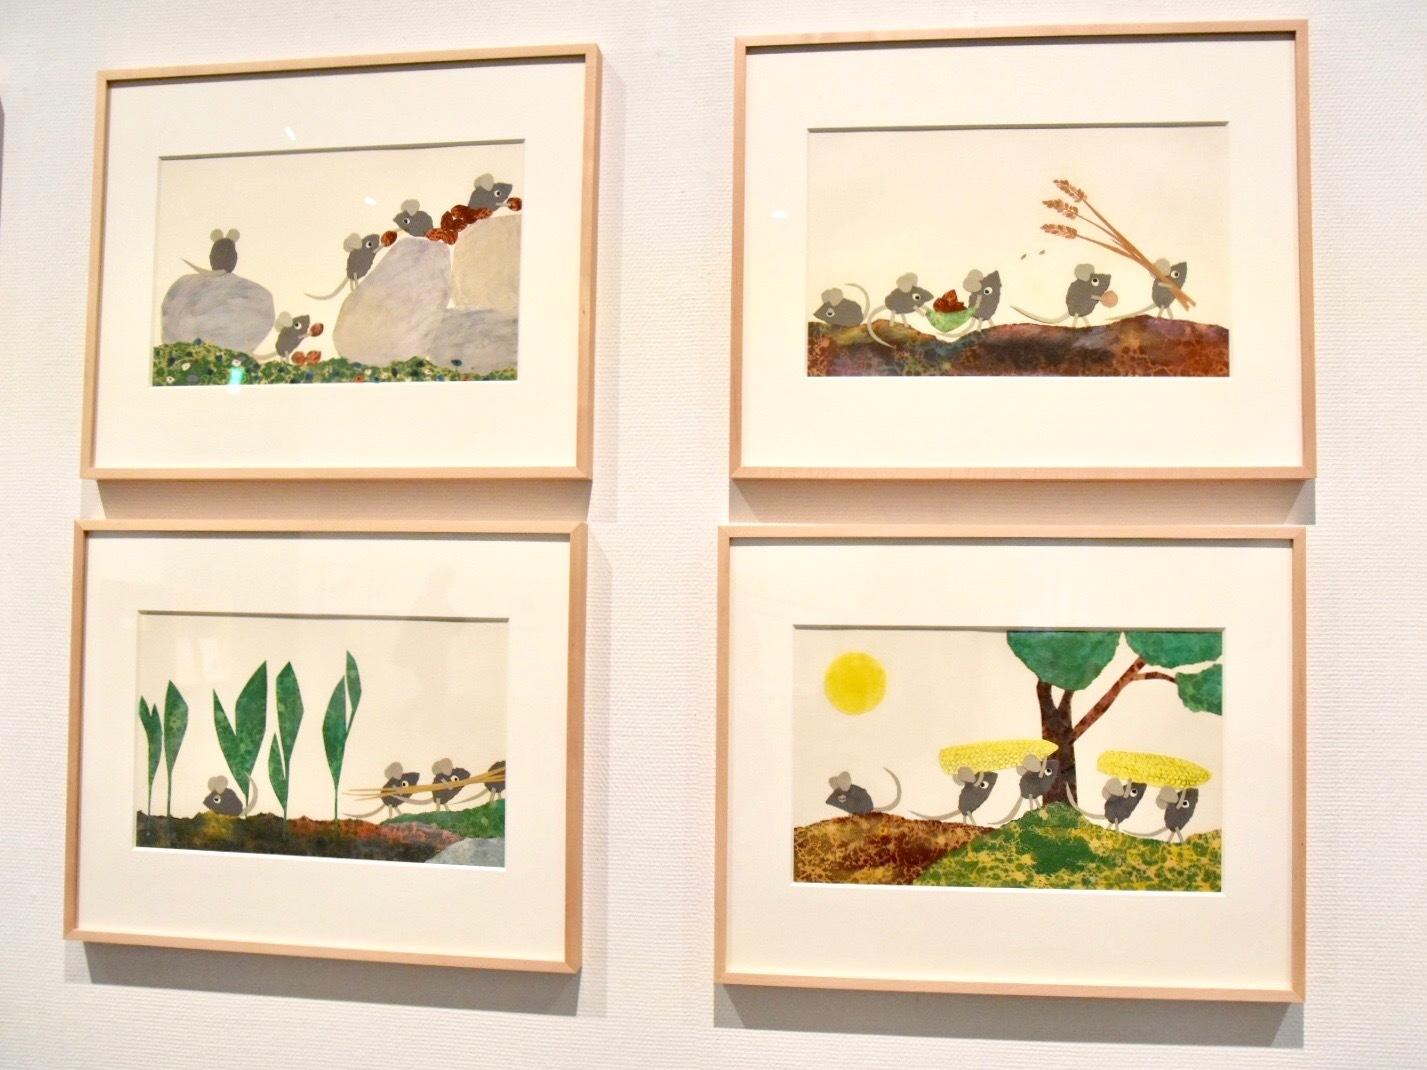 『フレデリック』原画 1967年 アニー・レオーニ氏所蔵